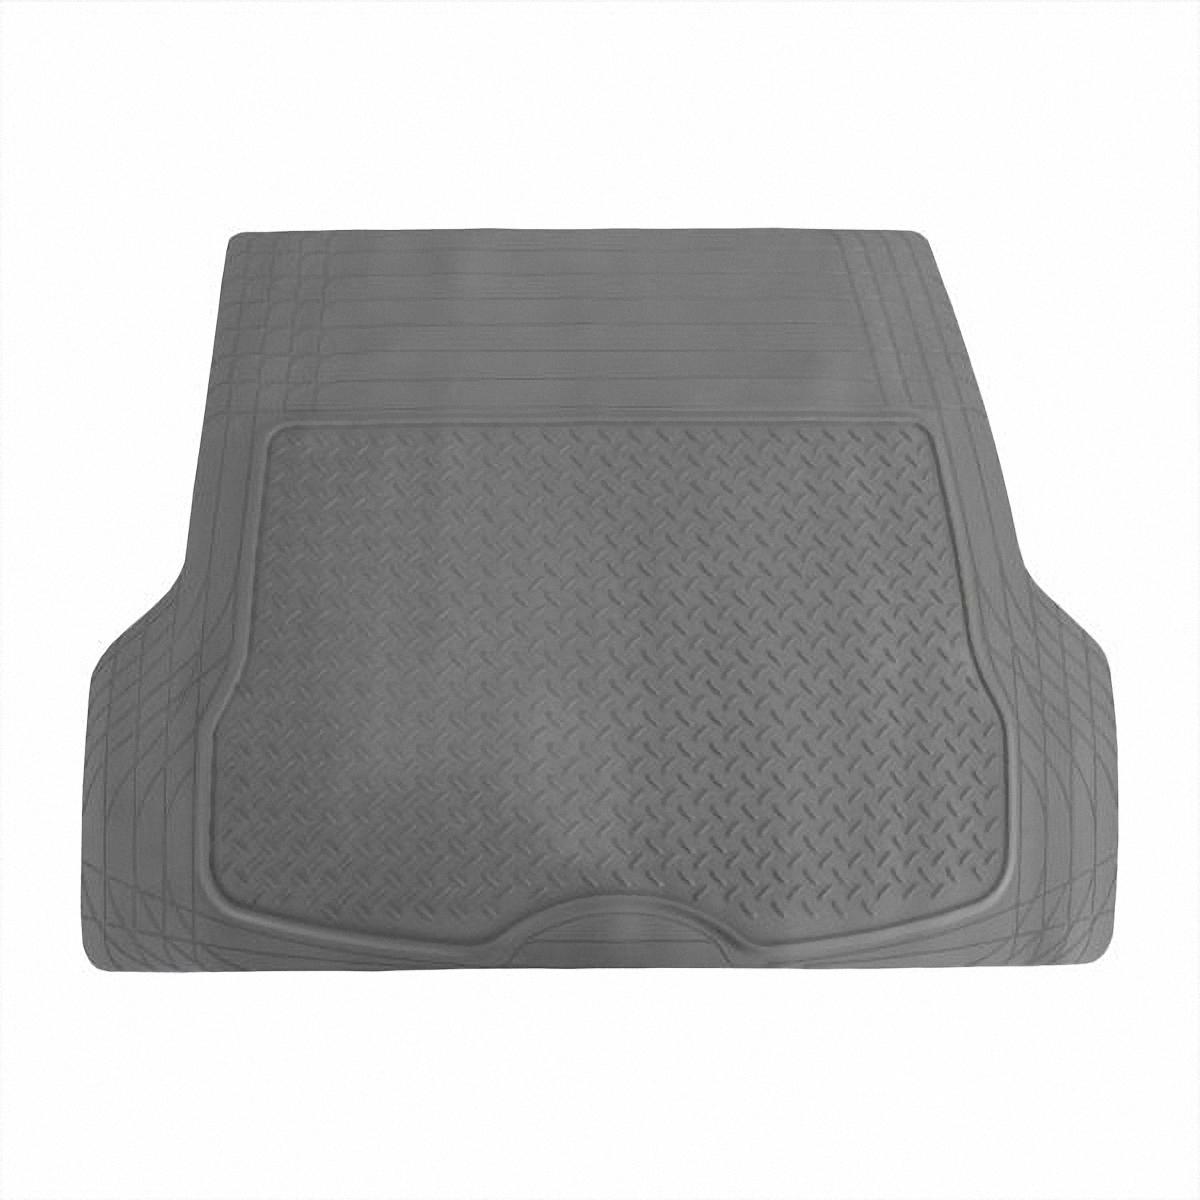 Коврик в салон автомобиля Skyway, в багажник, цвет: серый, 109,5 х 144 смS04701002Коврик сохраняет эластичность даже при экстремально низких и высоких температурах (от -50°С до +50°С). Обладает повышенной устойчивостью к износу и агрессивным средам, таким как антигололёдные реагенты, масло и топливо. Усовершенствованная конструкция изделия обеспечивает плотное прилегание и надёжную фиксацию коврика на полу автомобиля.Размер: 109,5 х 144 см.